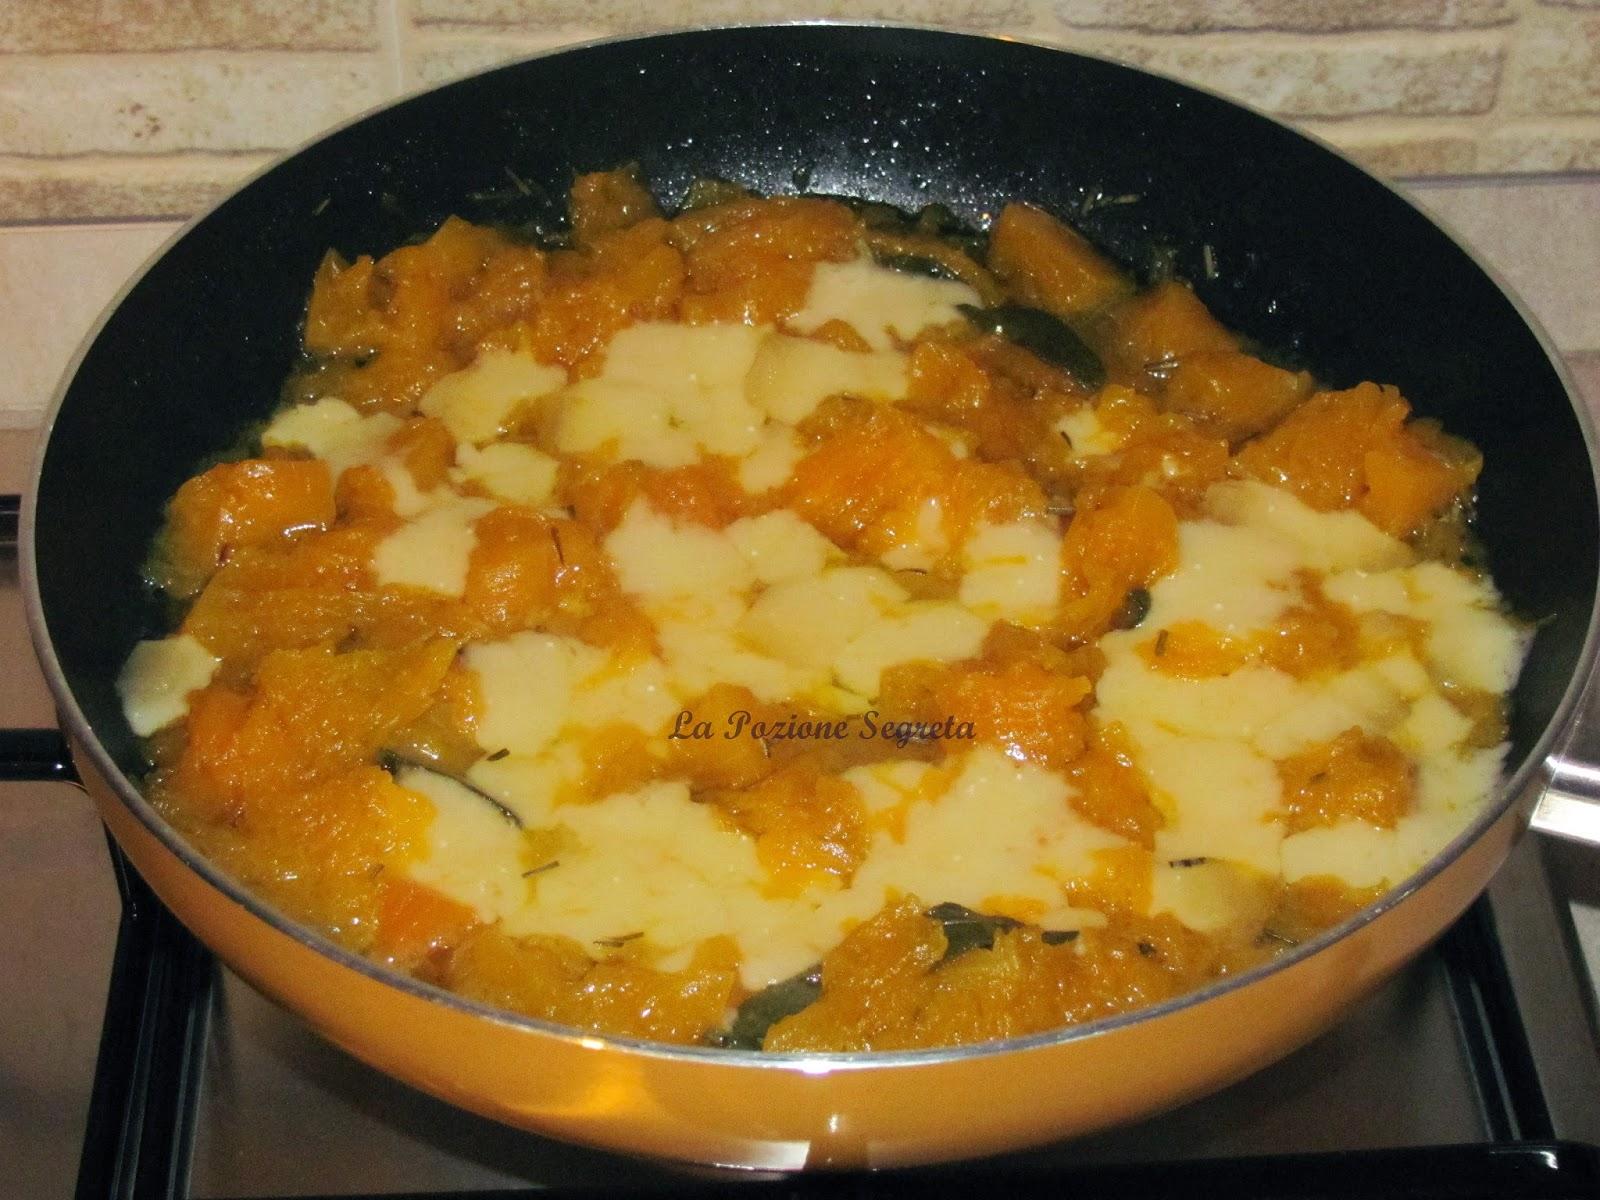 Ricette di secondi piatti con zucca rossa ricette utili for Ricette cucina italiana secondi piatti